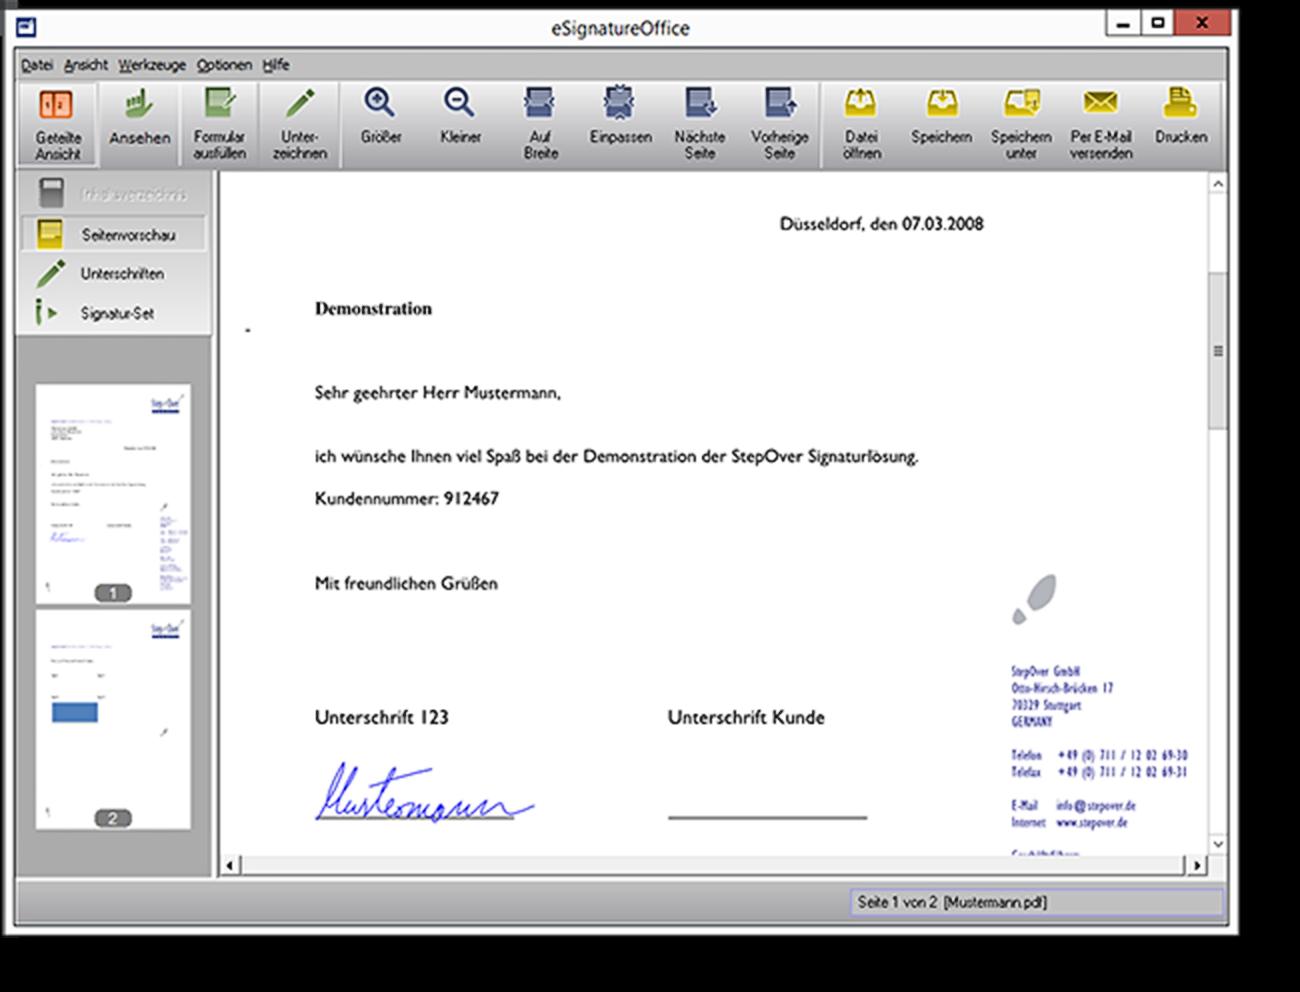 Die Signaturlösung zum Unterzeichnen von PDF/A-Dokumenten  eSignatureOffice ermöglicht das Anzeigen und Unterzeichnen von PDF/A-Dokumenten. Zudem können Formularfelder in eSignatureOffice ausgefüllt und abgespeichert werden.